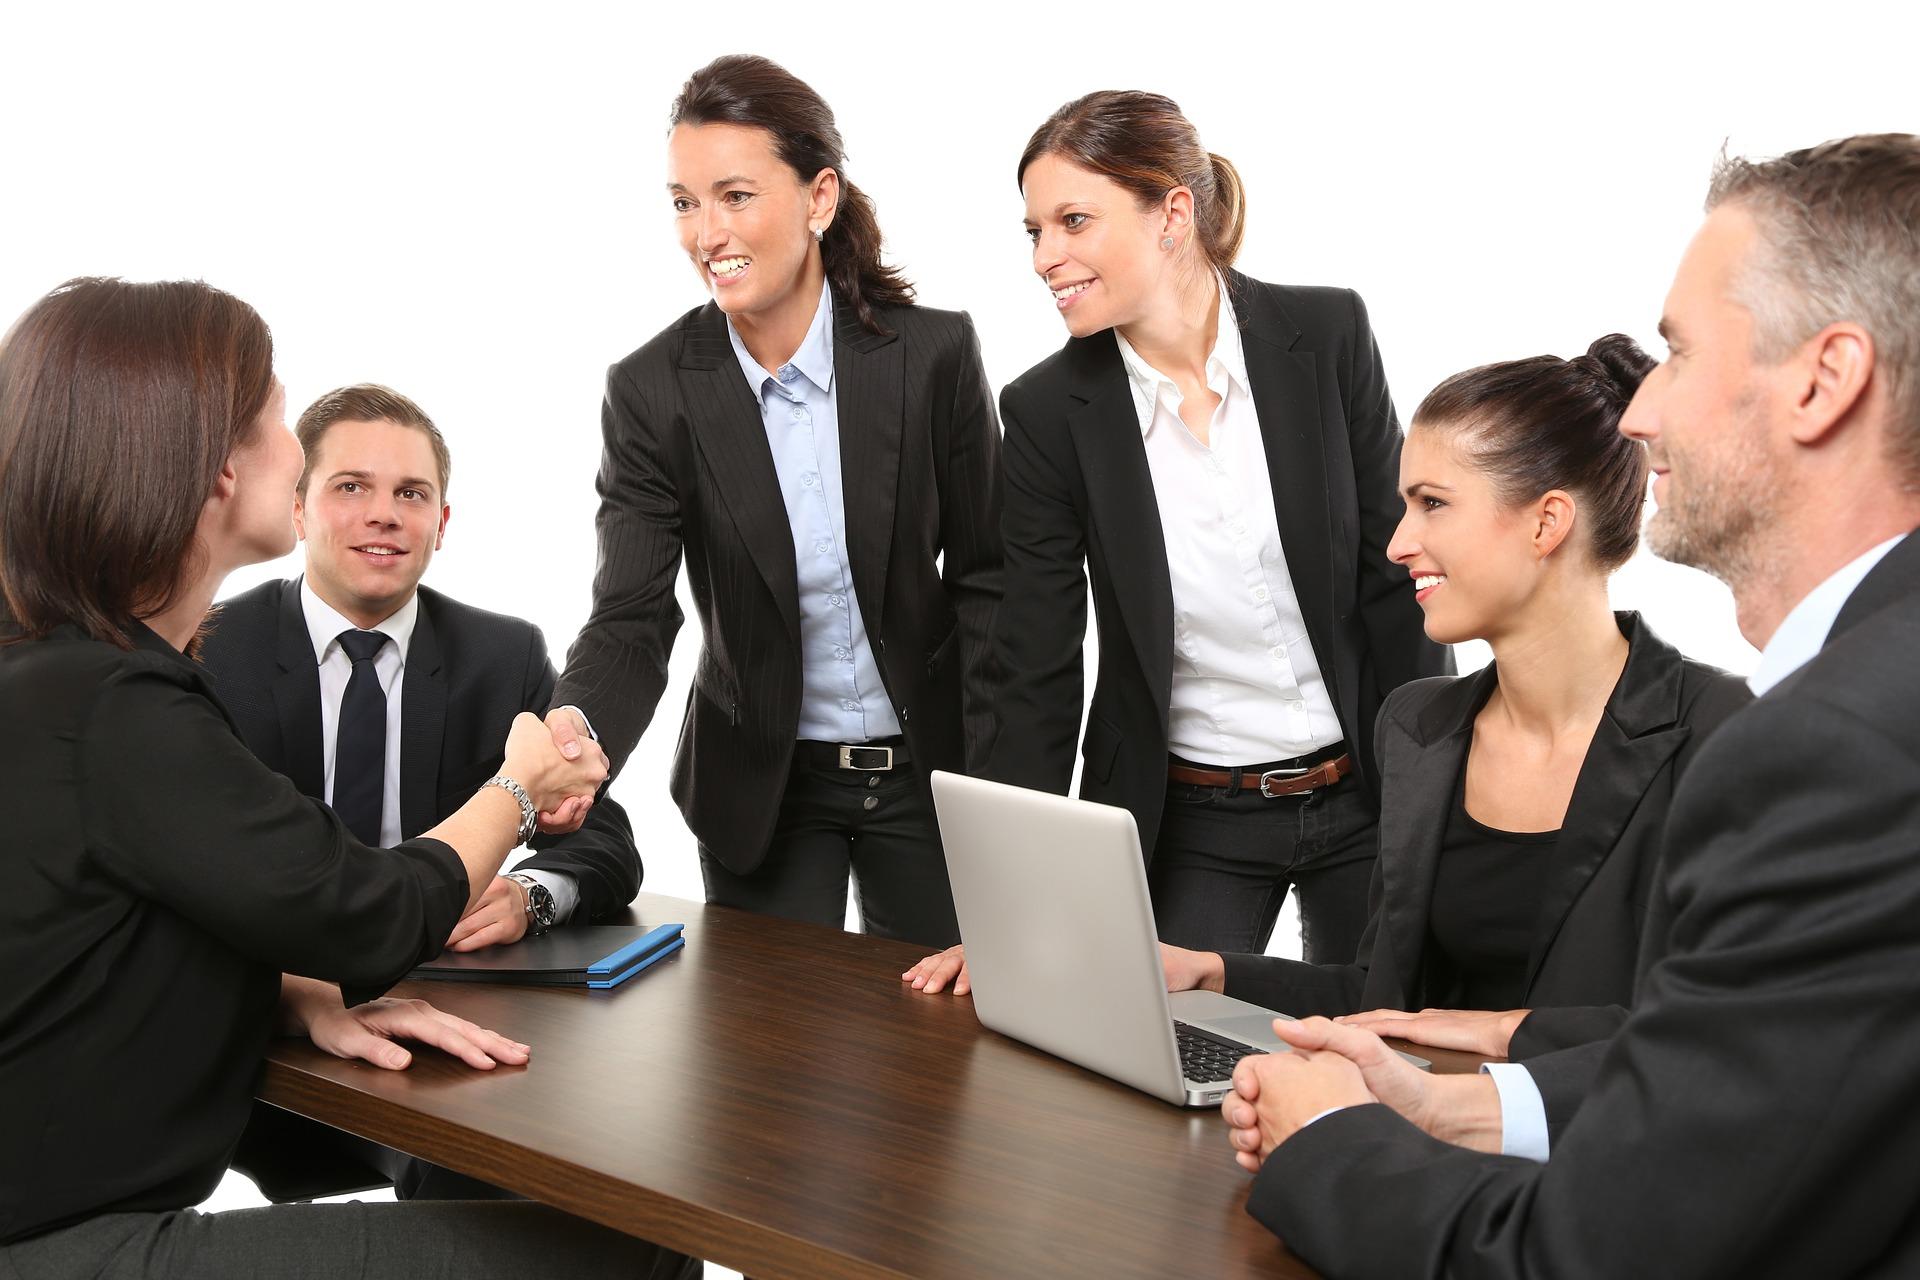 Få adgang til professionelle bestyrelseskurser hos bestyrelsesplatformen BOARD OFFICE™